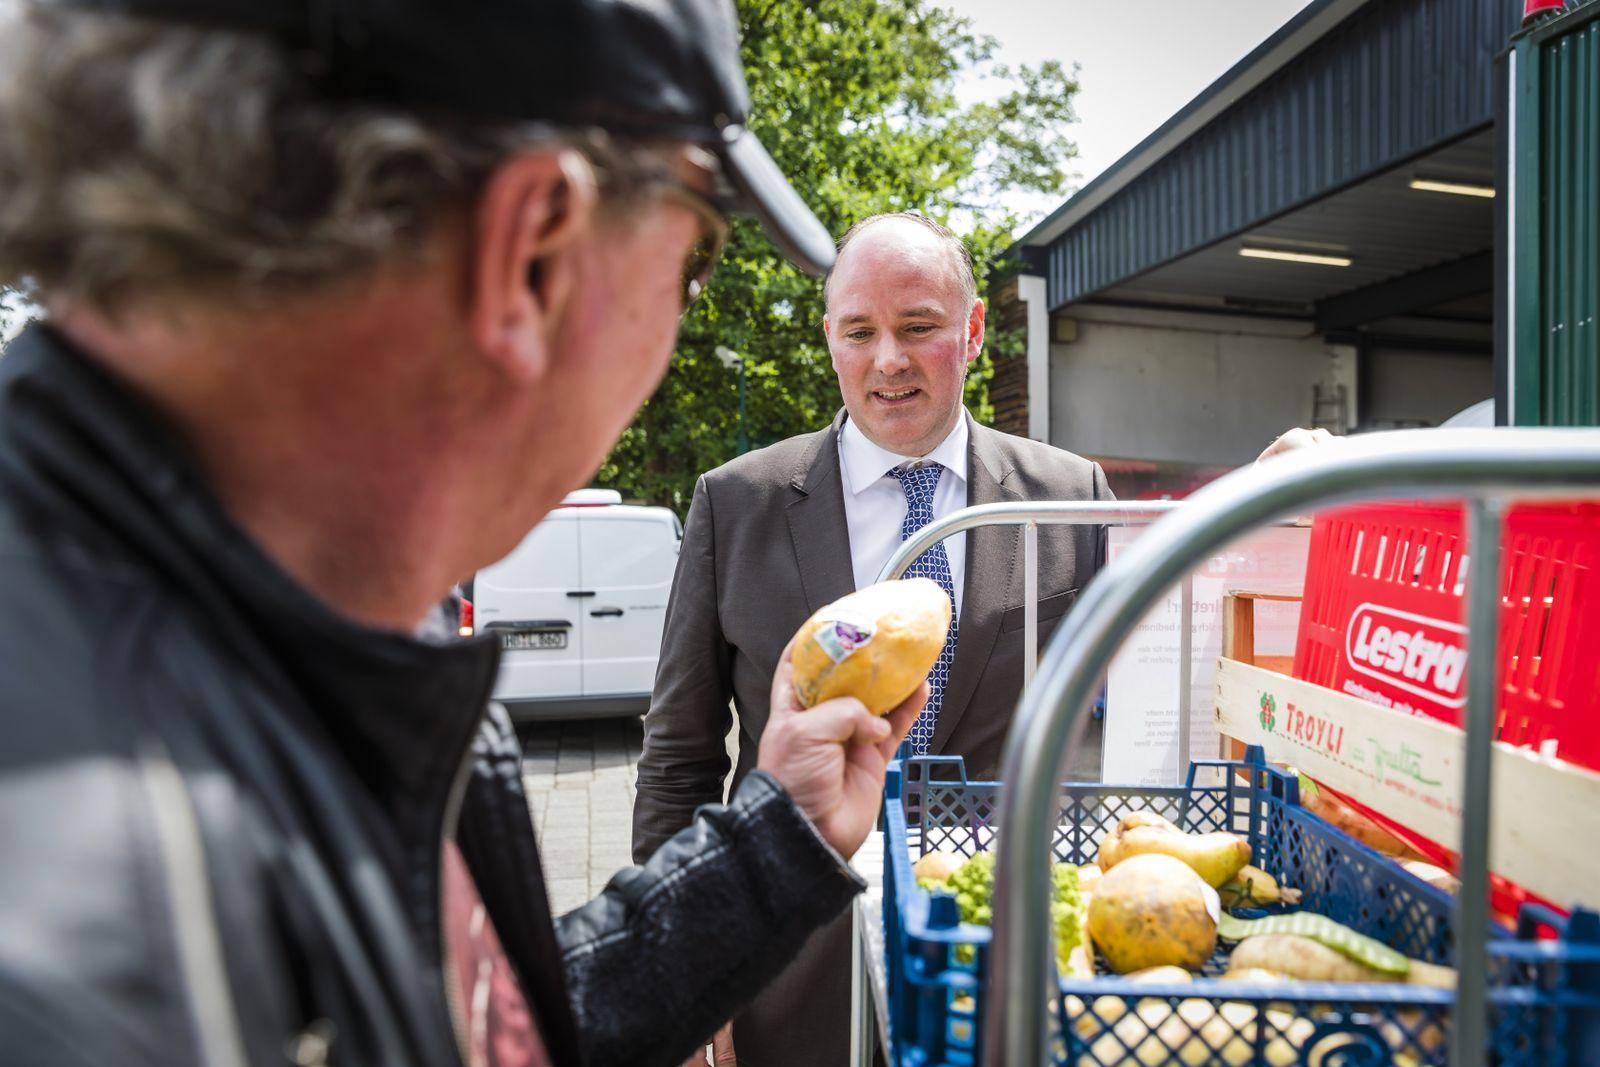 EINMALIGE VERWENDUNG Bremen â/ 12.07.2019 - Bremer Supermarkt erlaubt das Containern.